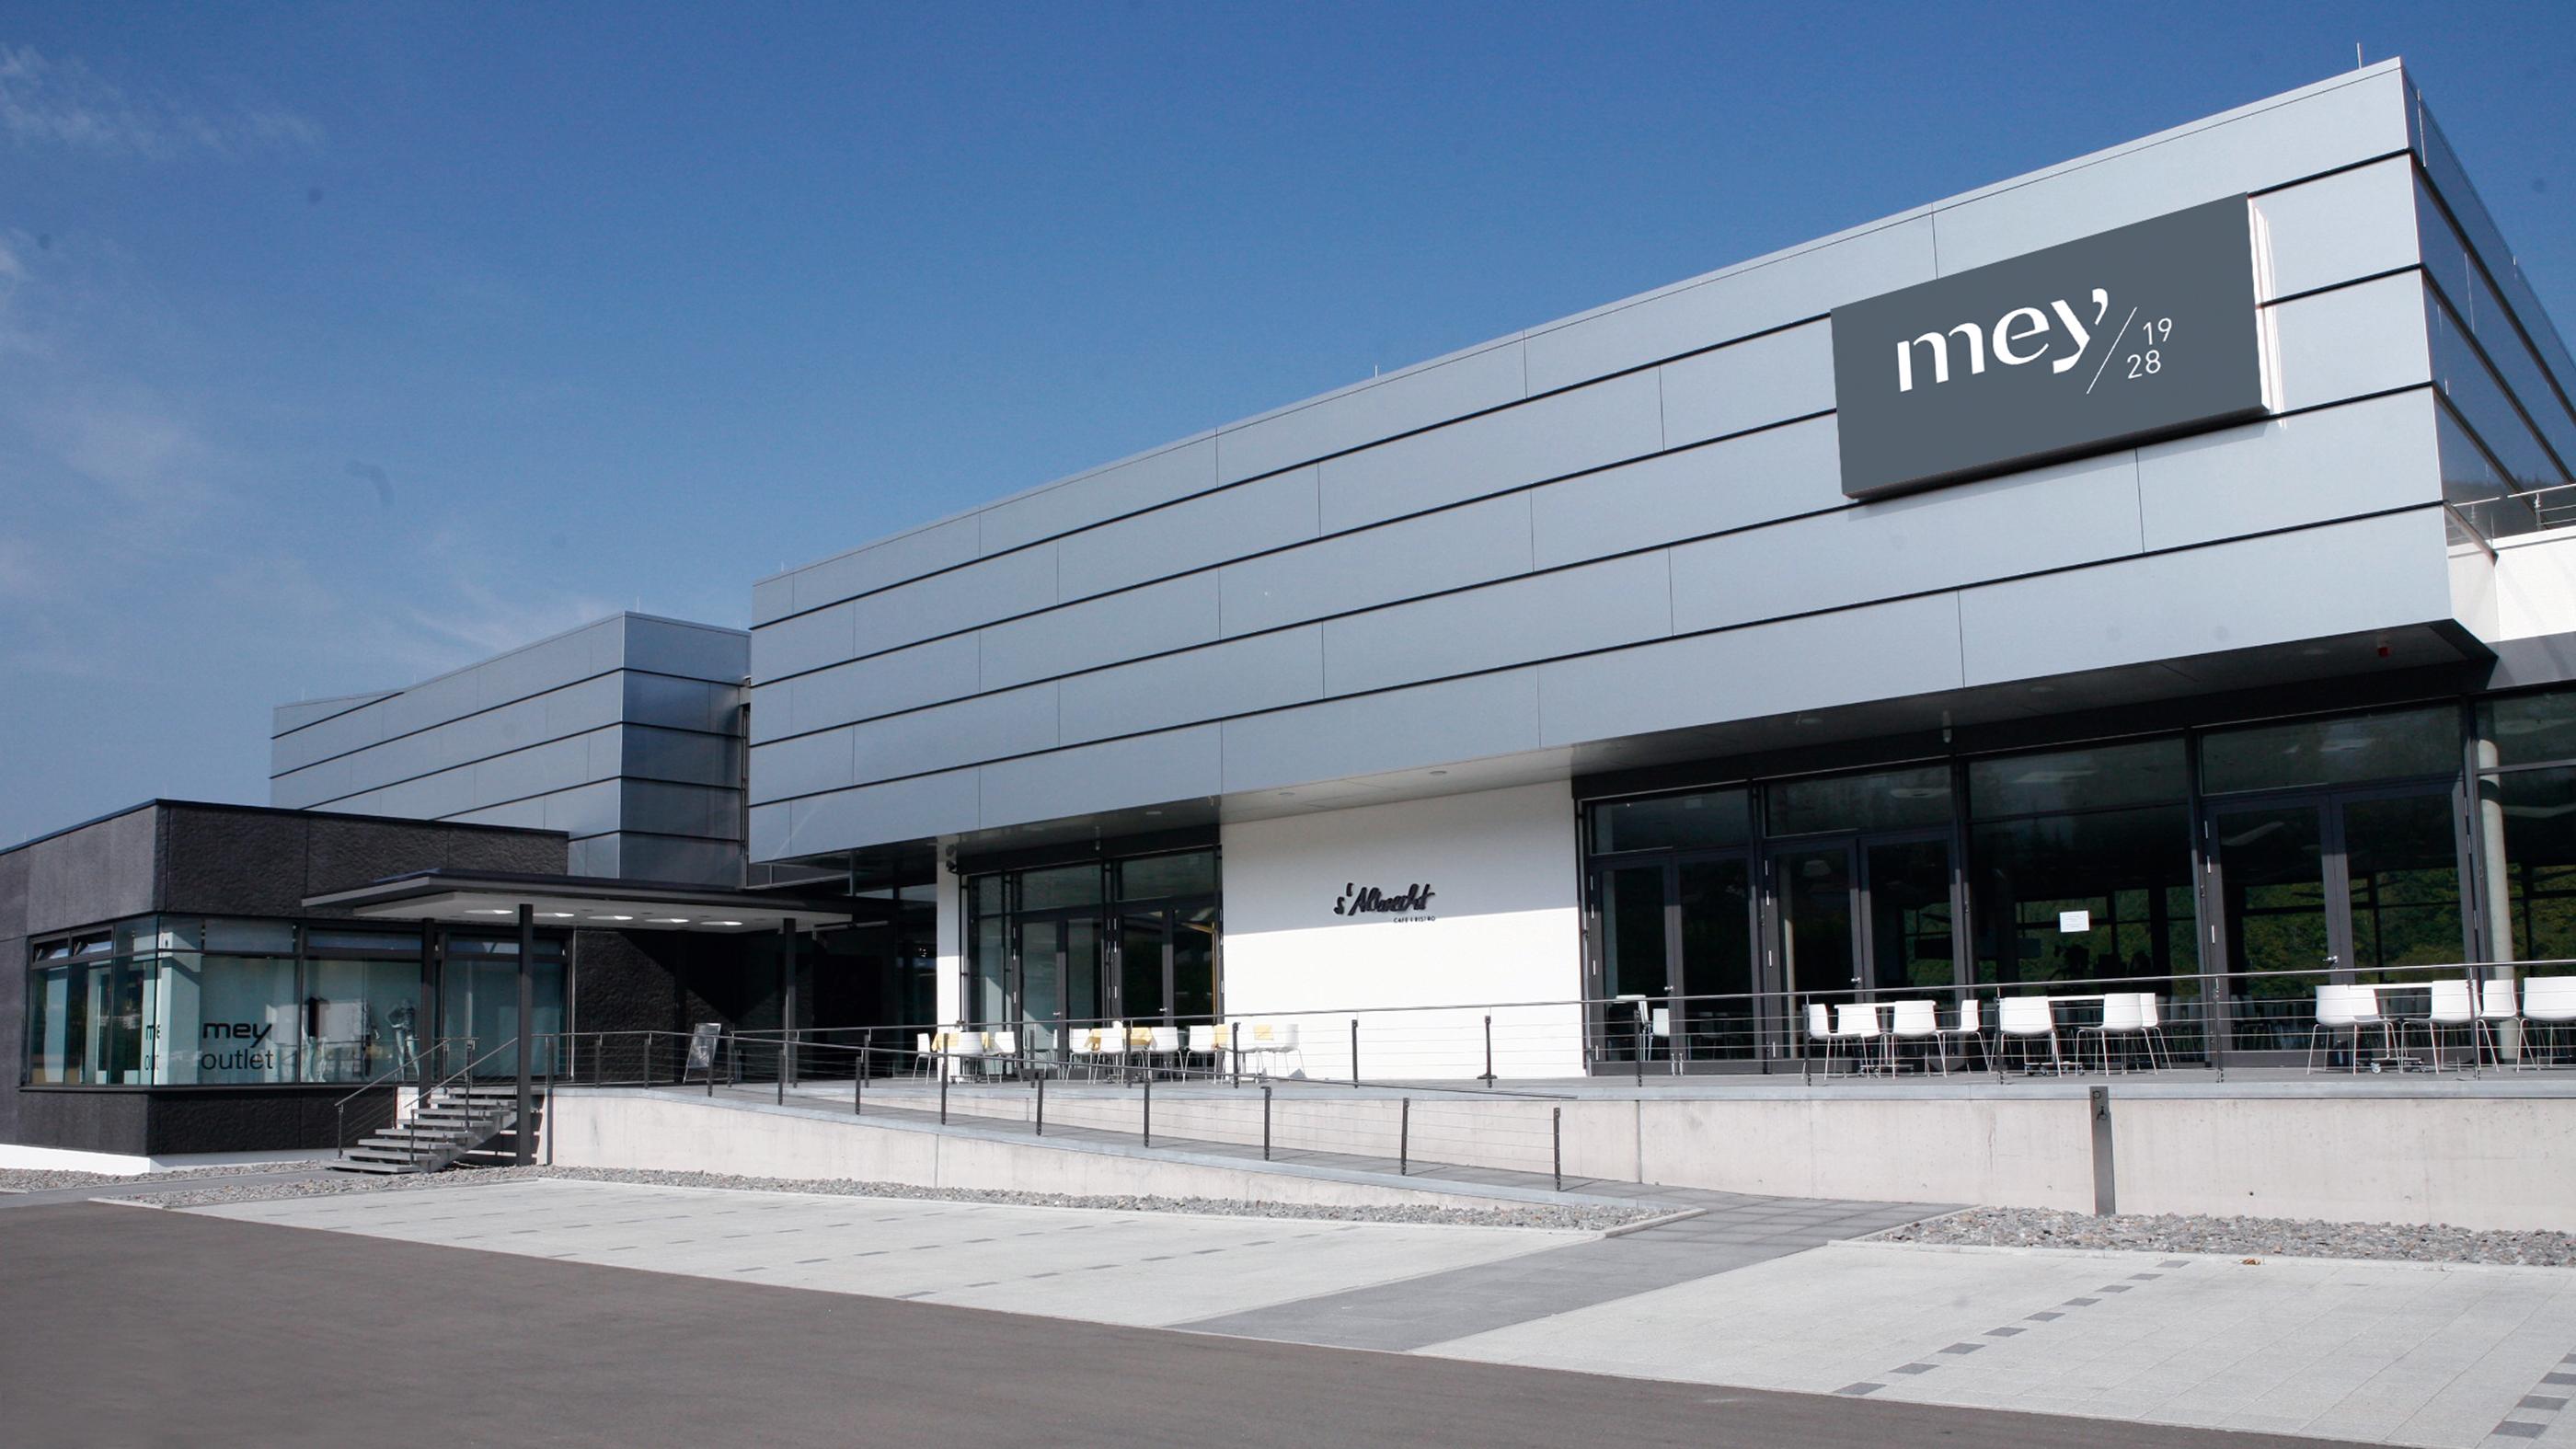 mey-nieuwbouw in Albstadt (Duitsland)   mey®